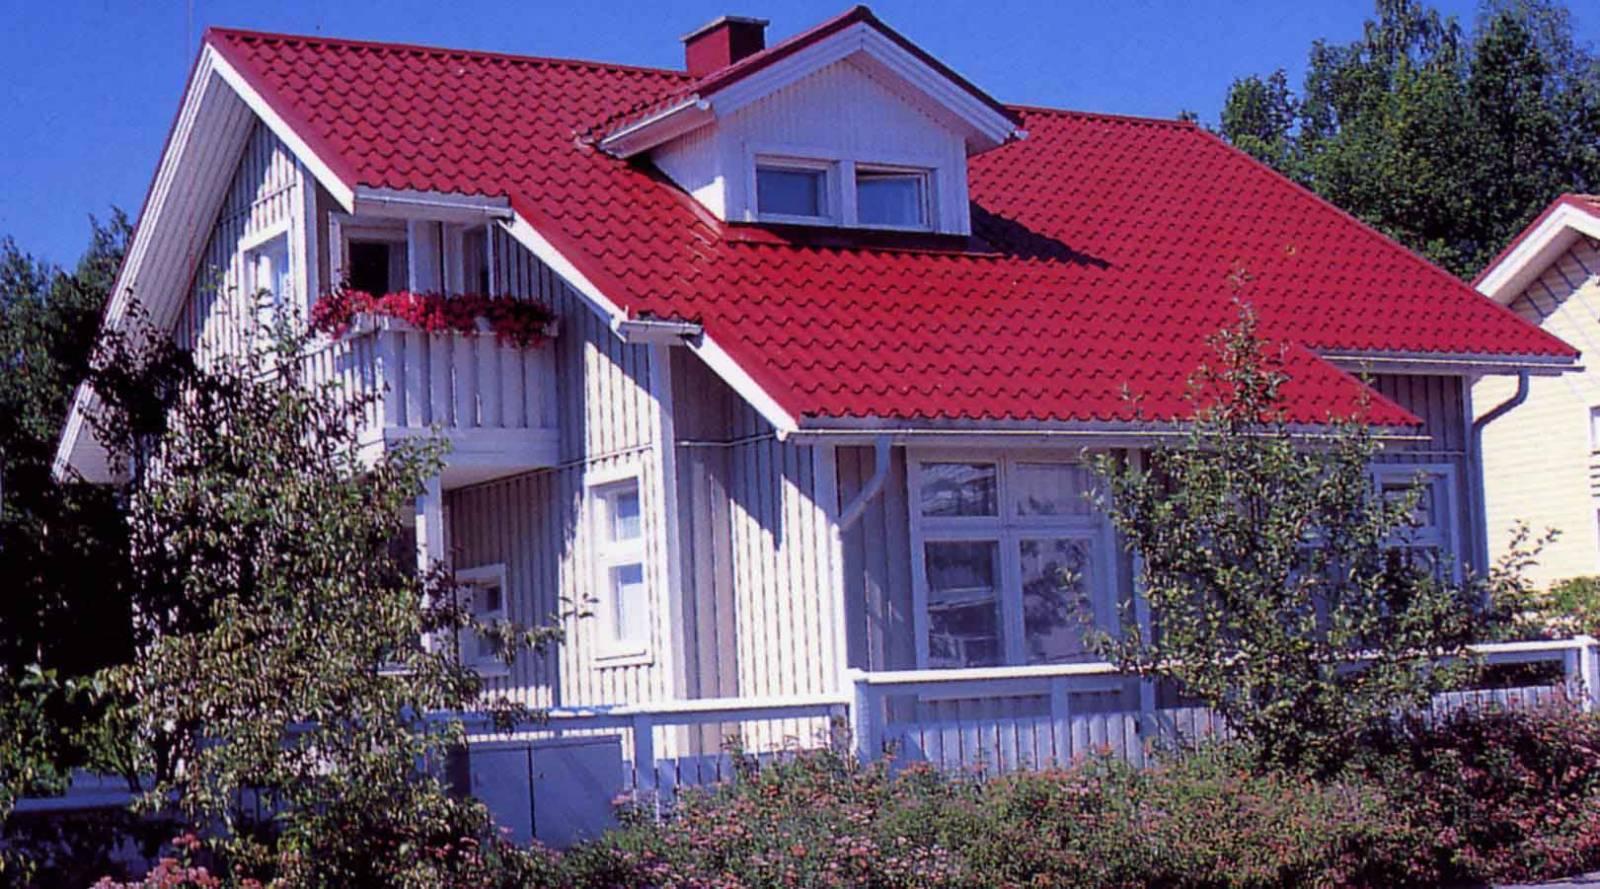 Сочетание цветов на доме с красной крышей фото